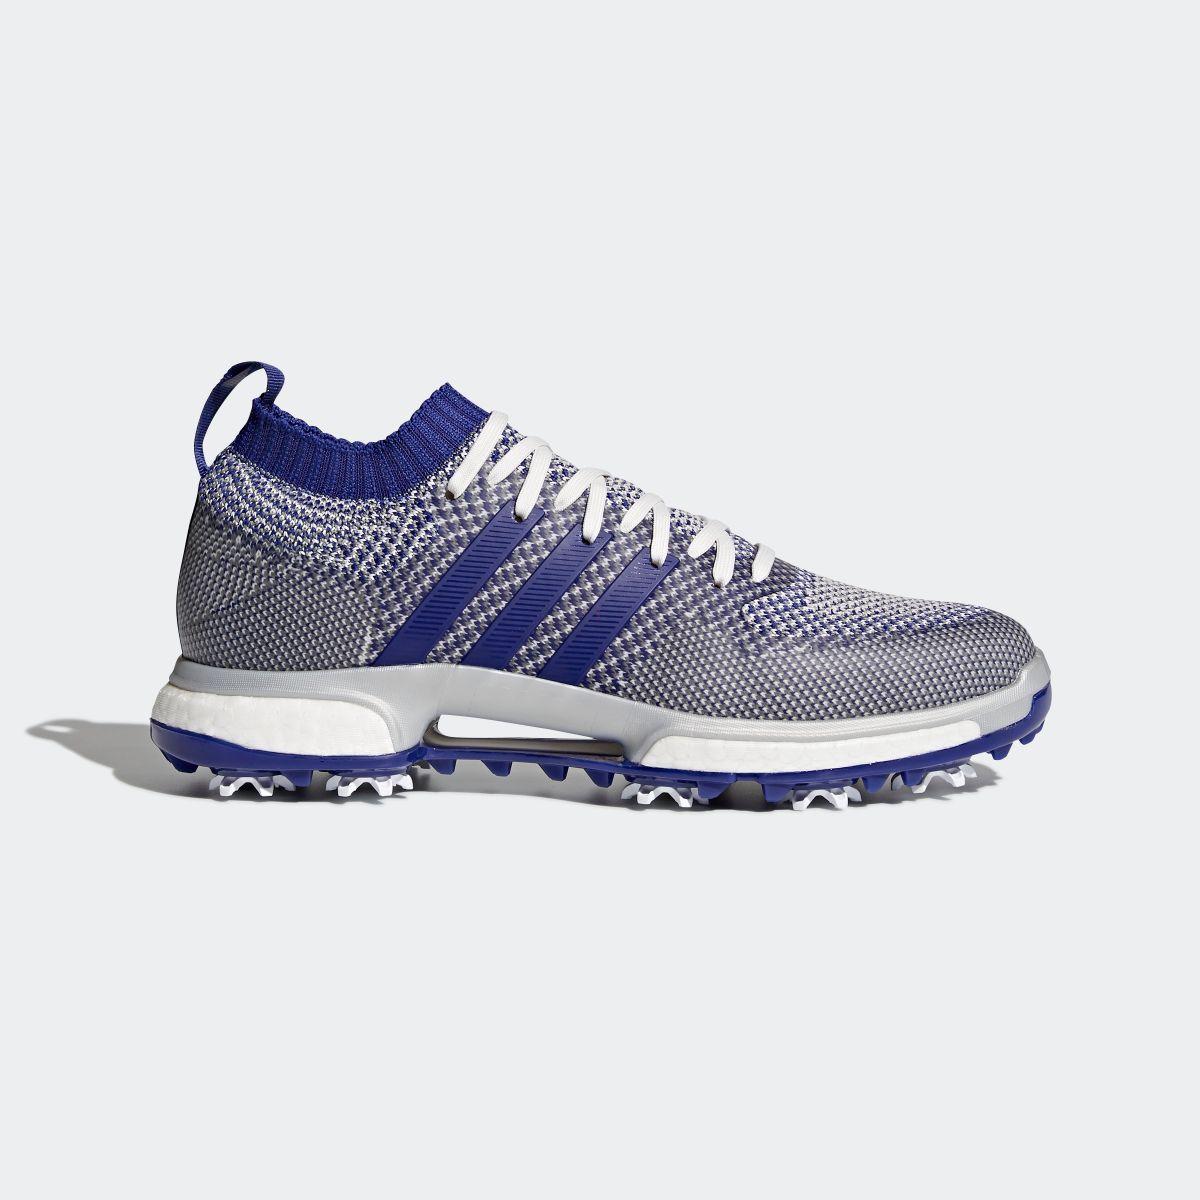 【公式】アディダス adidas ツアー360 ニット 【ゴルフ】 メンズ ゴルフ シューズ スポーツシューズ F33631